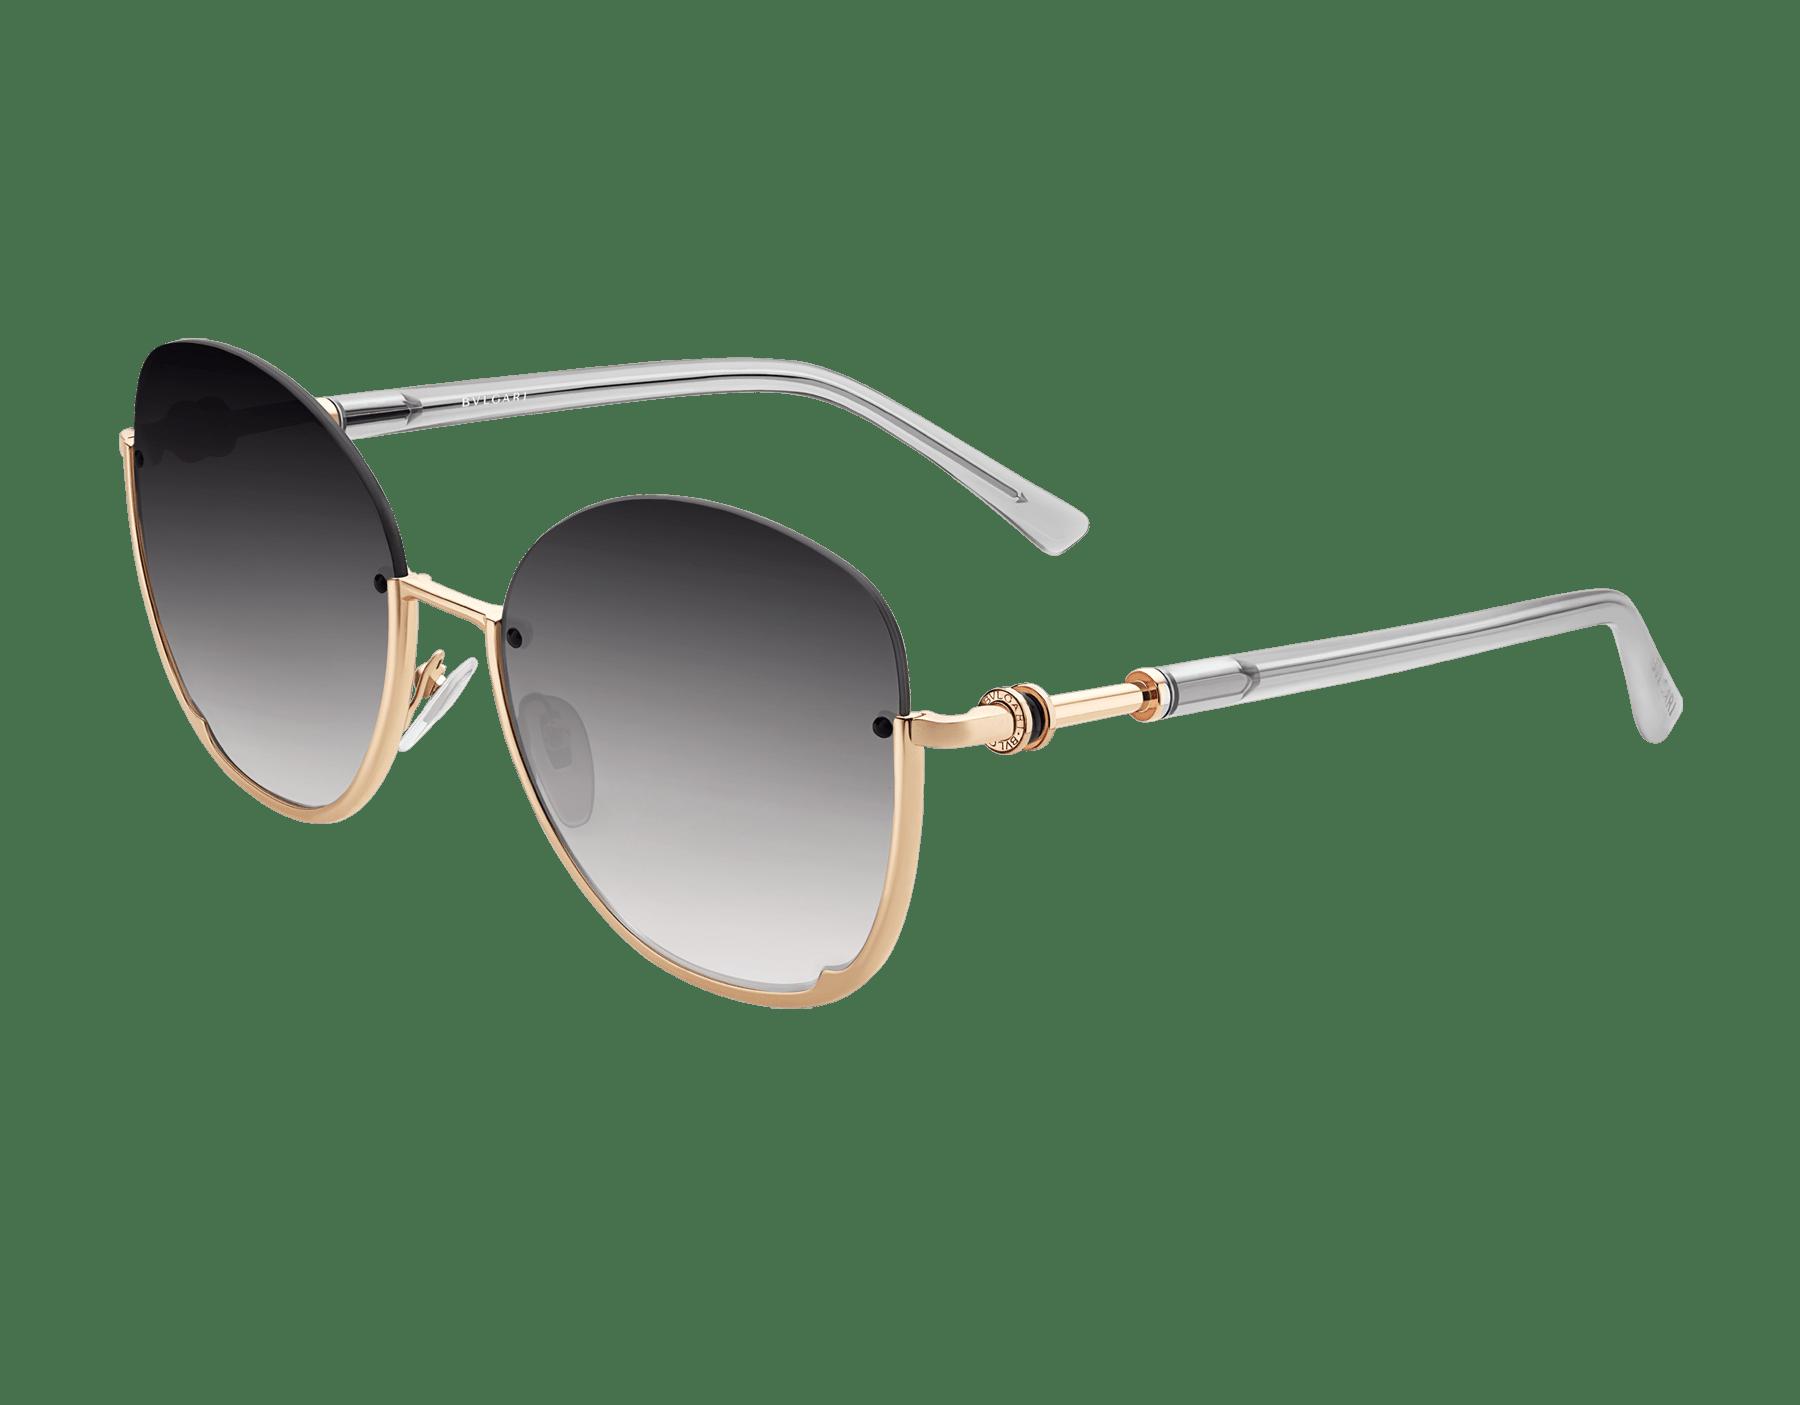 寶格麗 B.zero1 半框圓形金屬太陽眼鏡。 903819 image 1